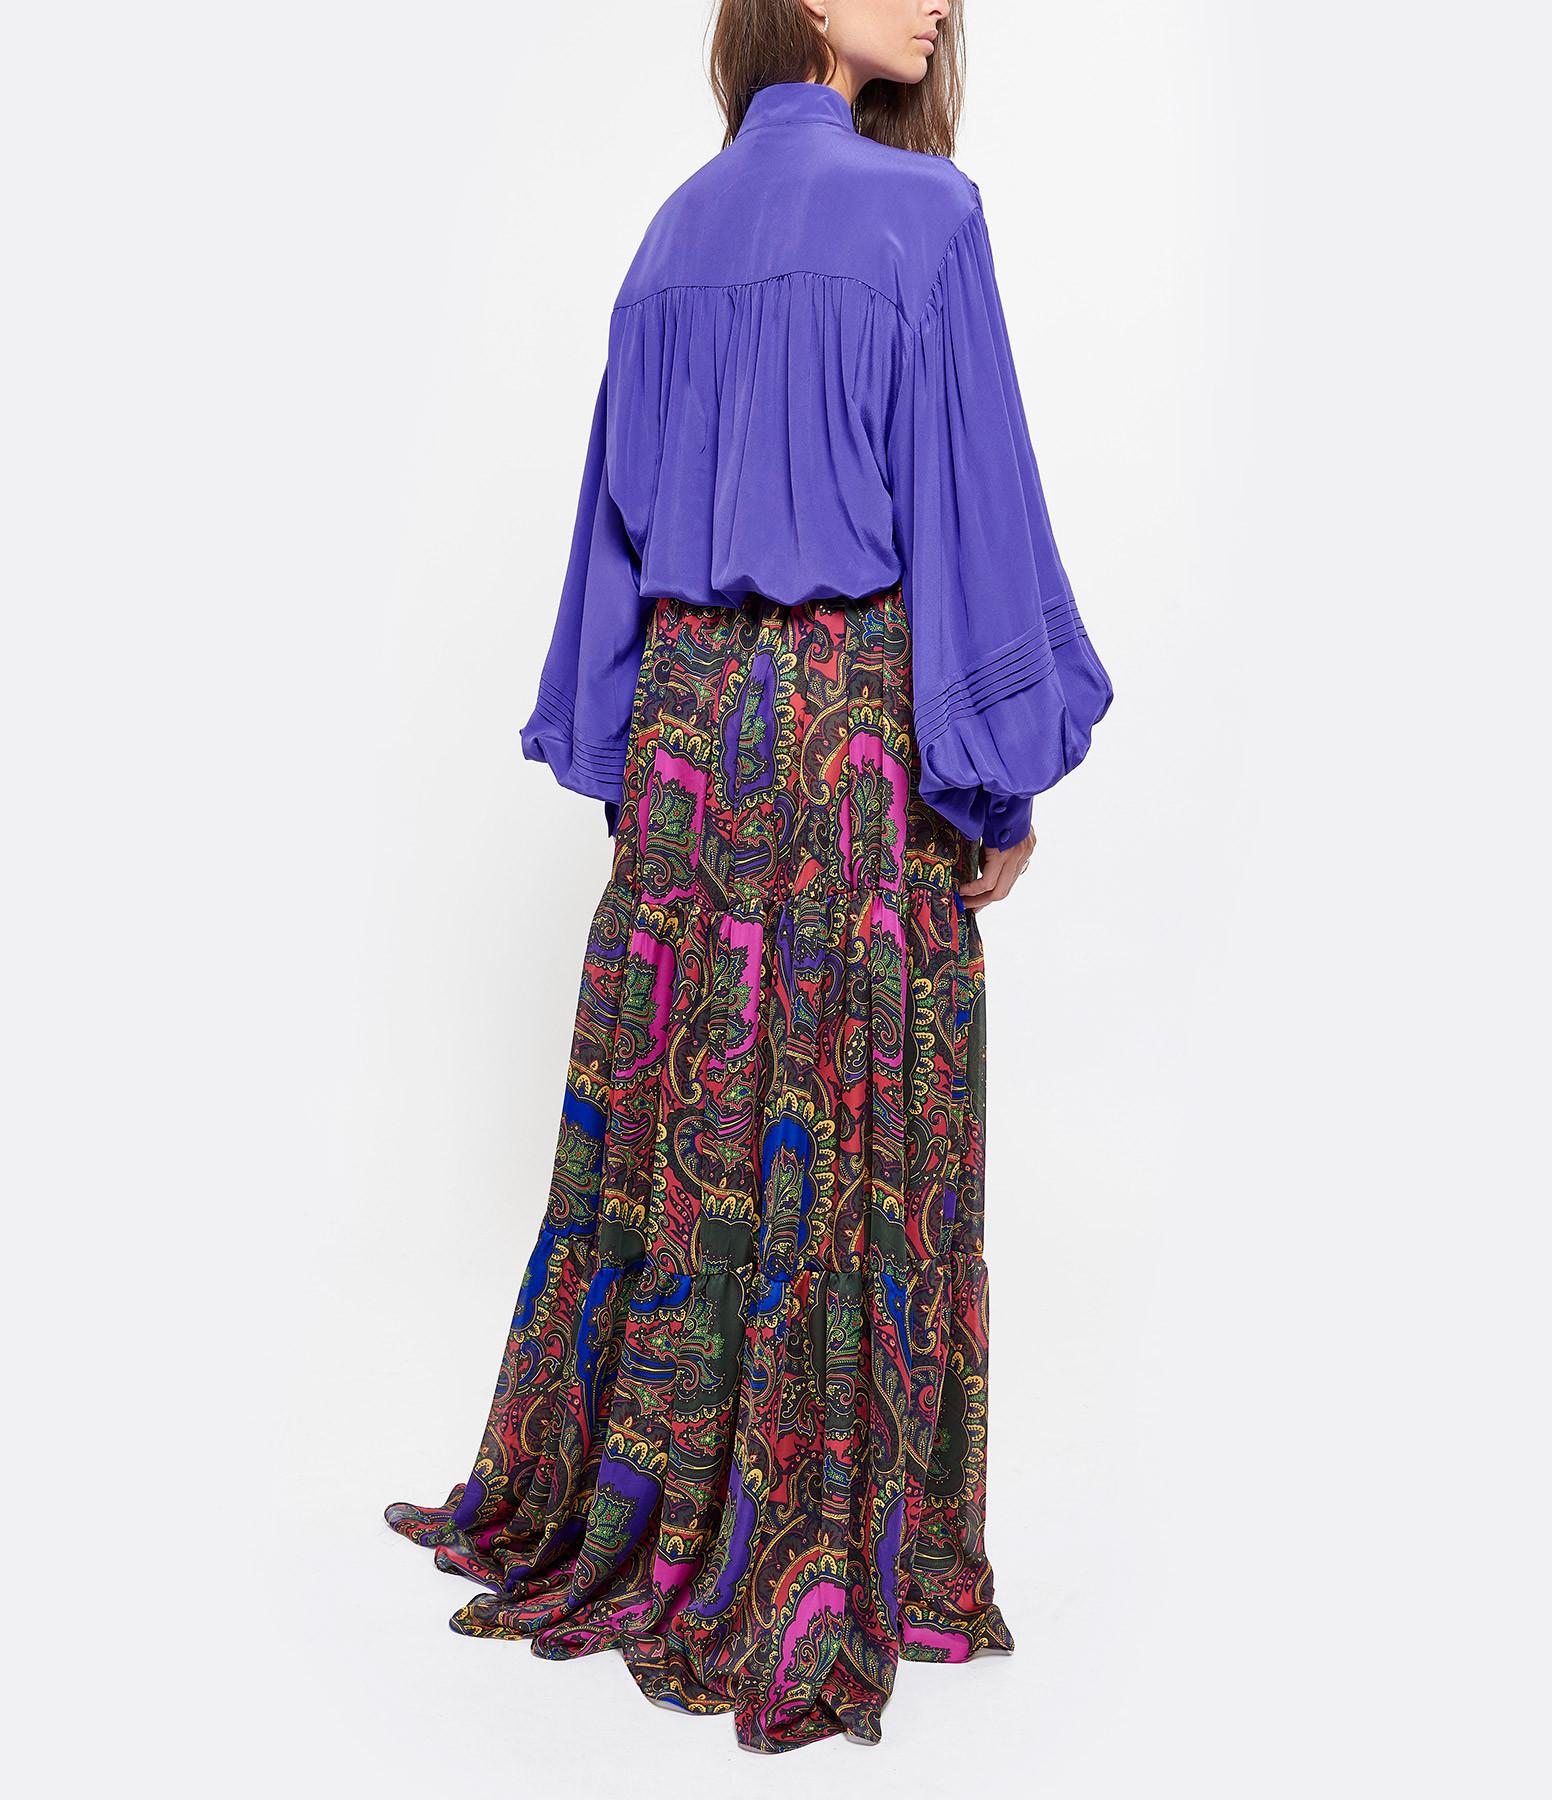 OUD - Jupe Liana Mousseline Soie Multicolore